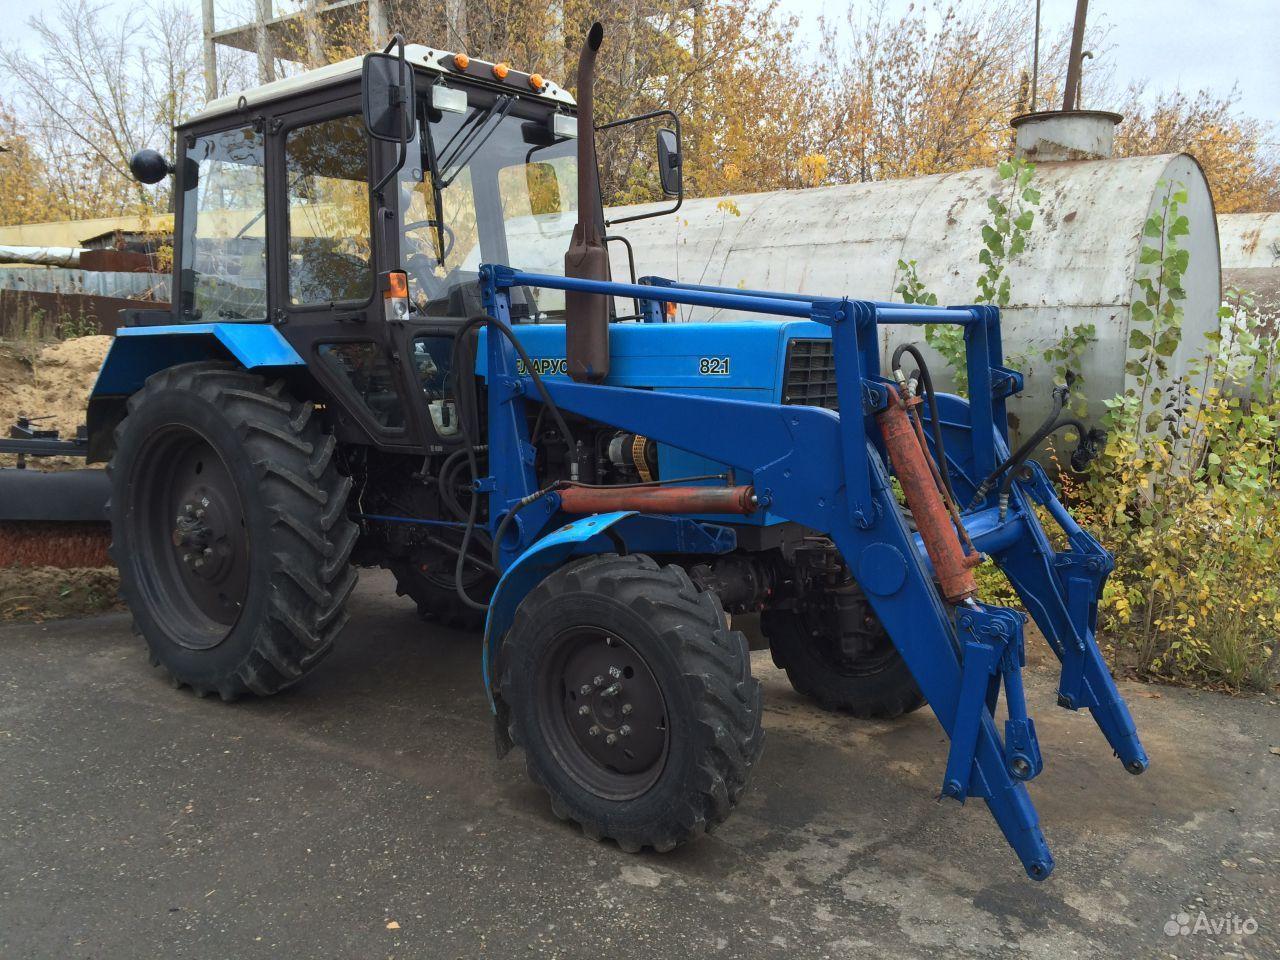 Мтз 82 бу на авито в москве и московской области - f4af7